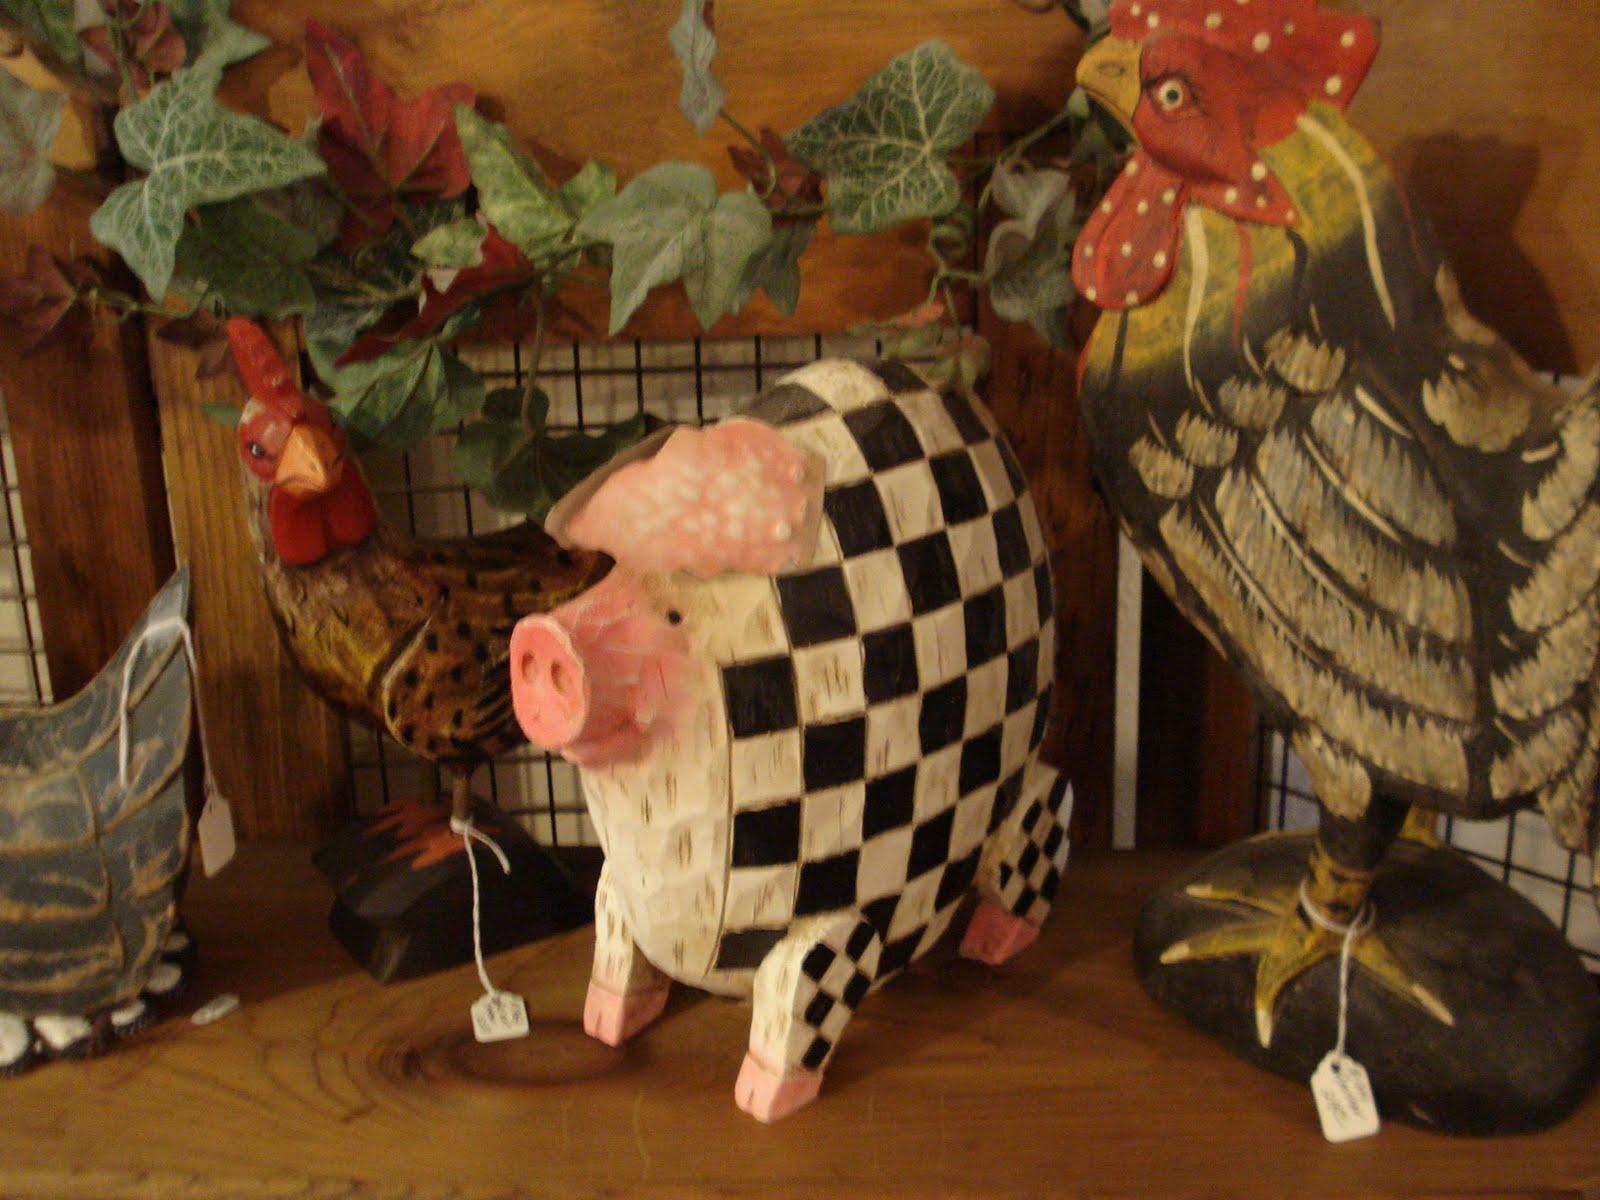 of folk art figurines will